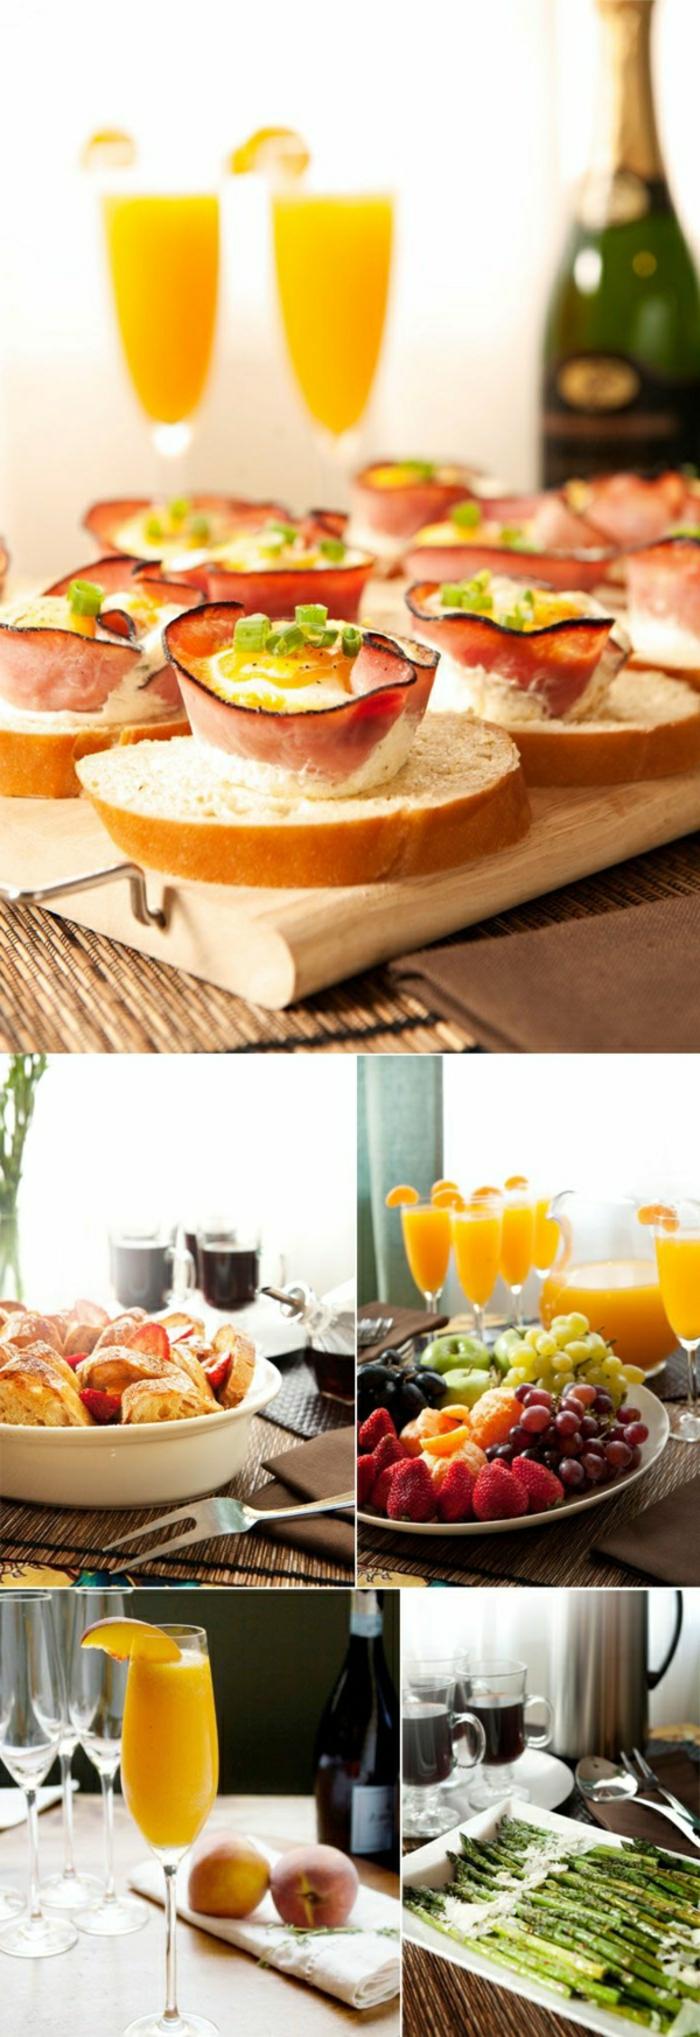 aperitivos, pinchos y tapas para un brunch en casa, las mejores ideas de recetas originales faciles y rapidas en fotos